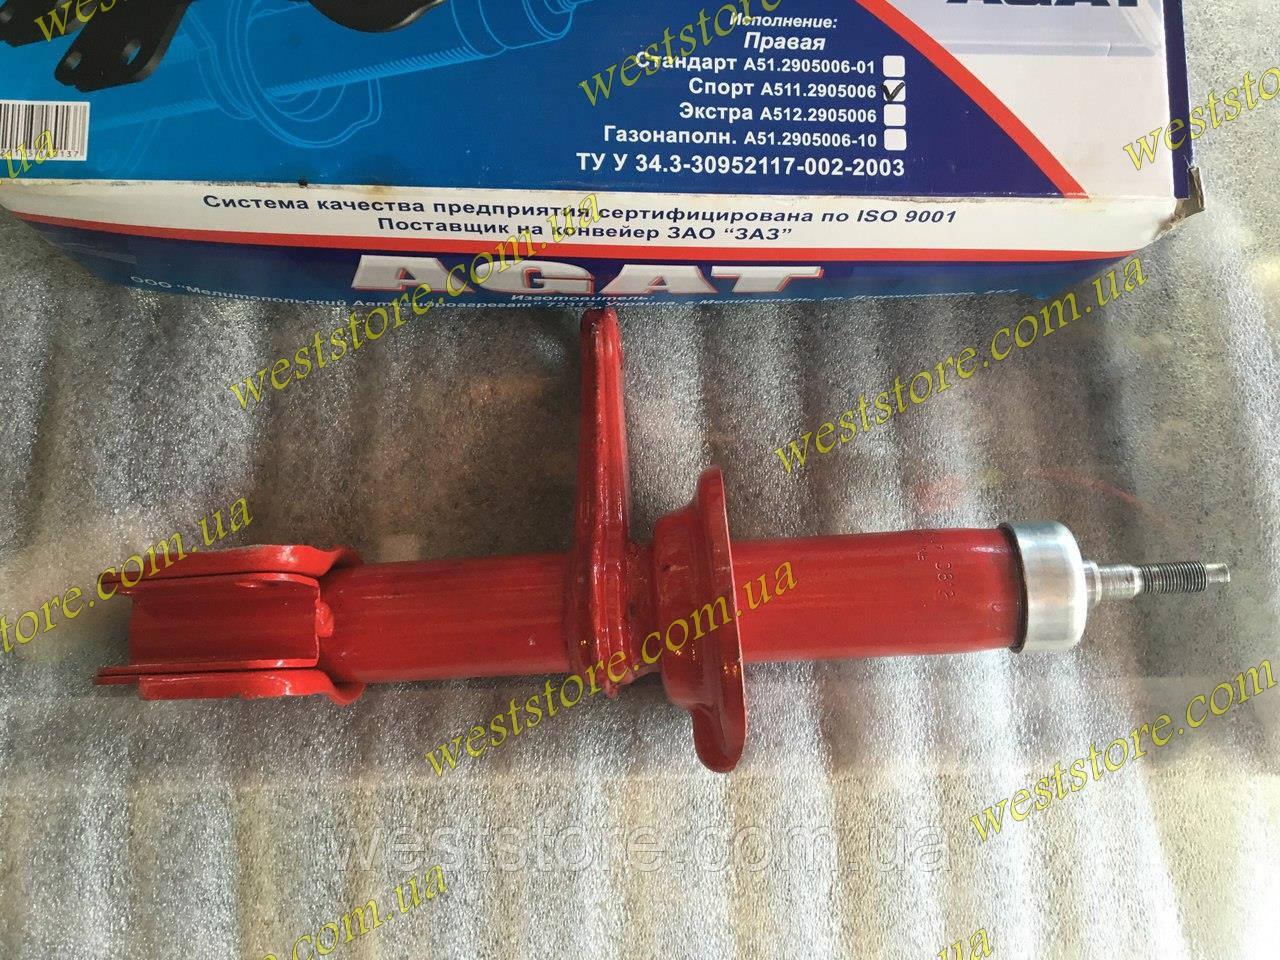 Амортизатор заз 1102- 1103 таврия славута передний правый Агат красный спорт